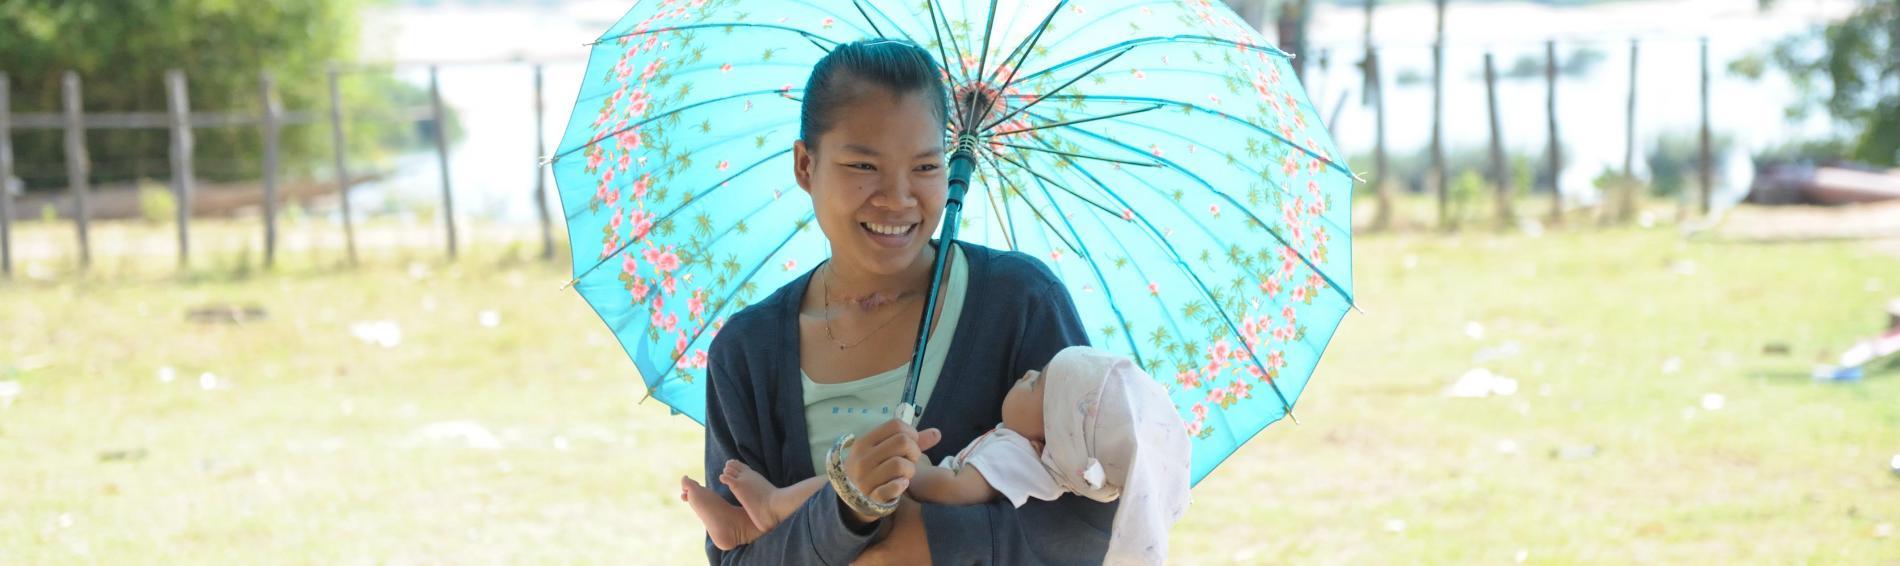 Verbesserung der Mütter- und Kindergesundheit in Laos | © Lam Duc Hiên